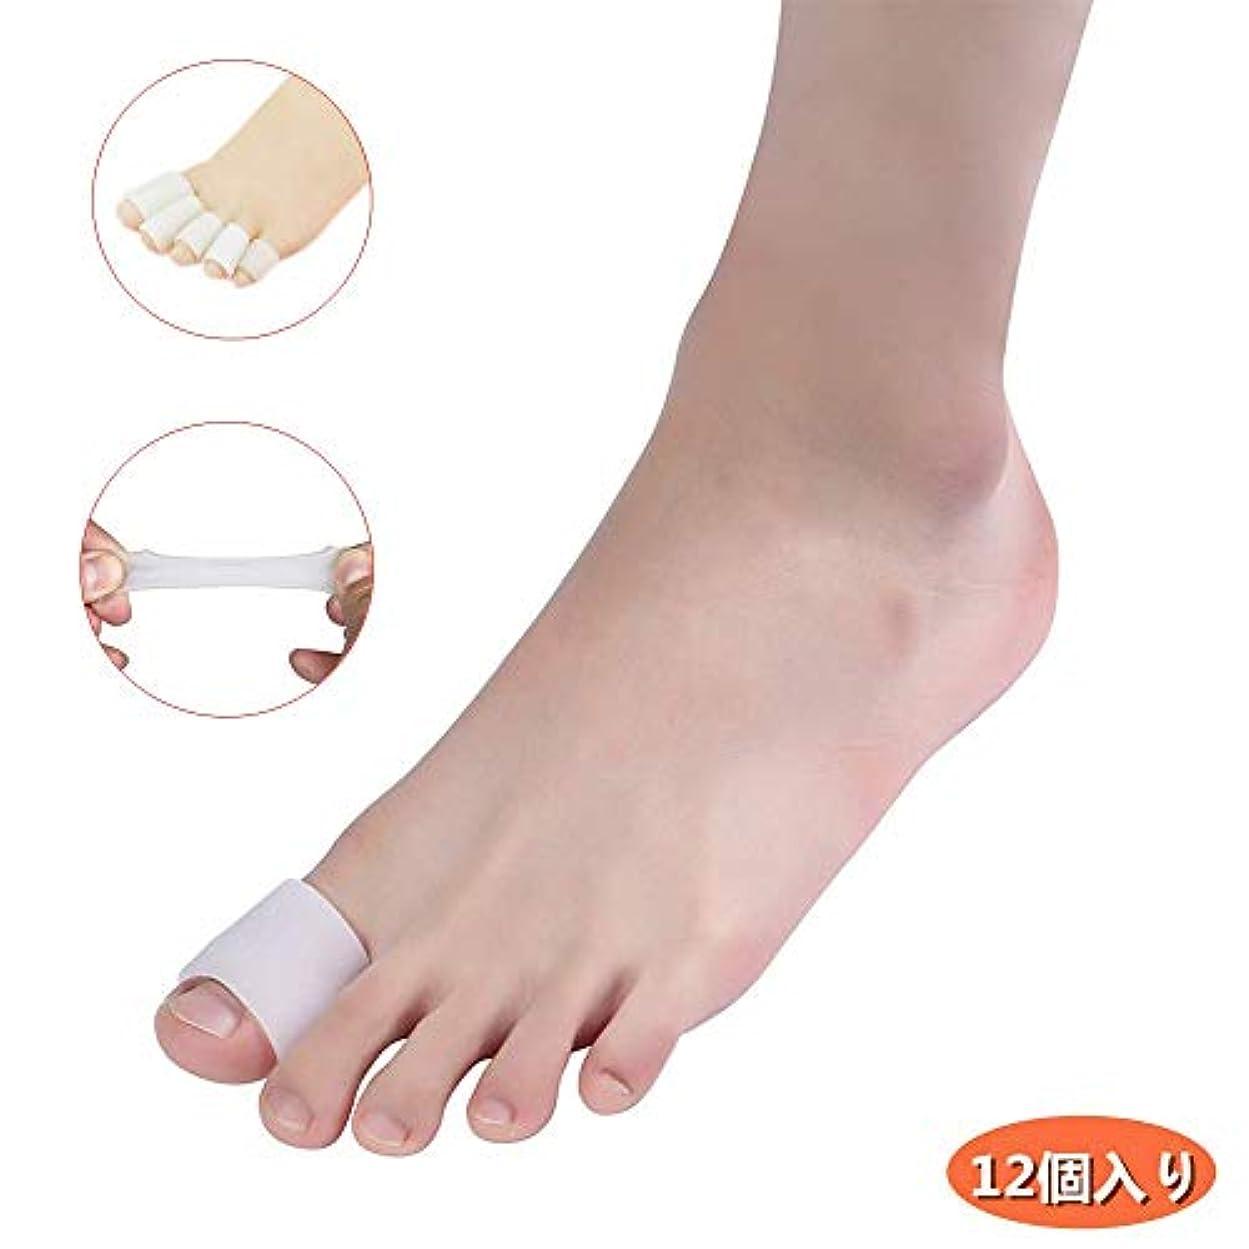 未接続で忘れっぽい足指 足爪 指や爪の保護キャップ 柔らかシリコン サポーター 小指 指サック 柔軟性 洗濯可能 12個入り